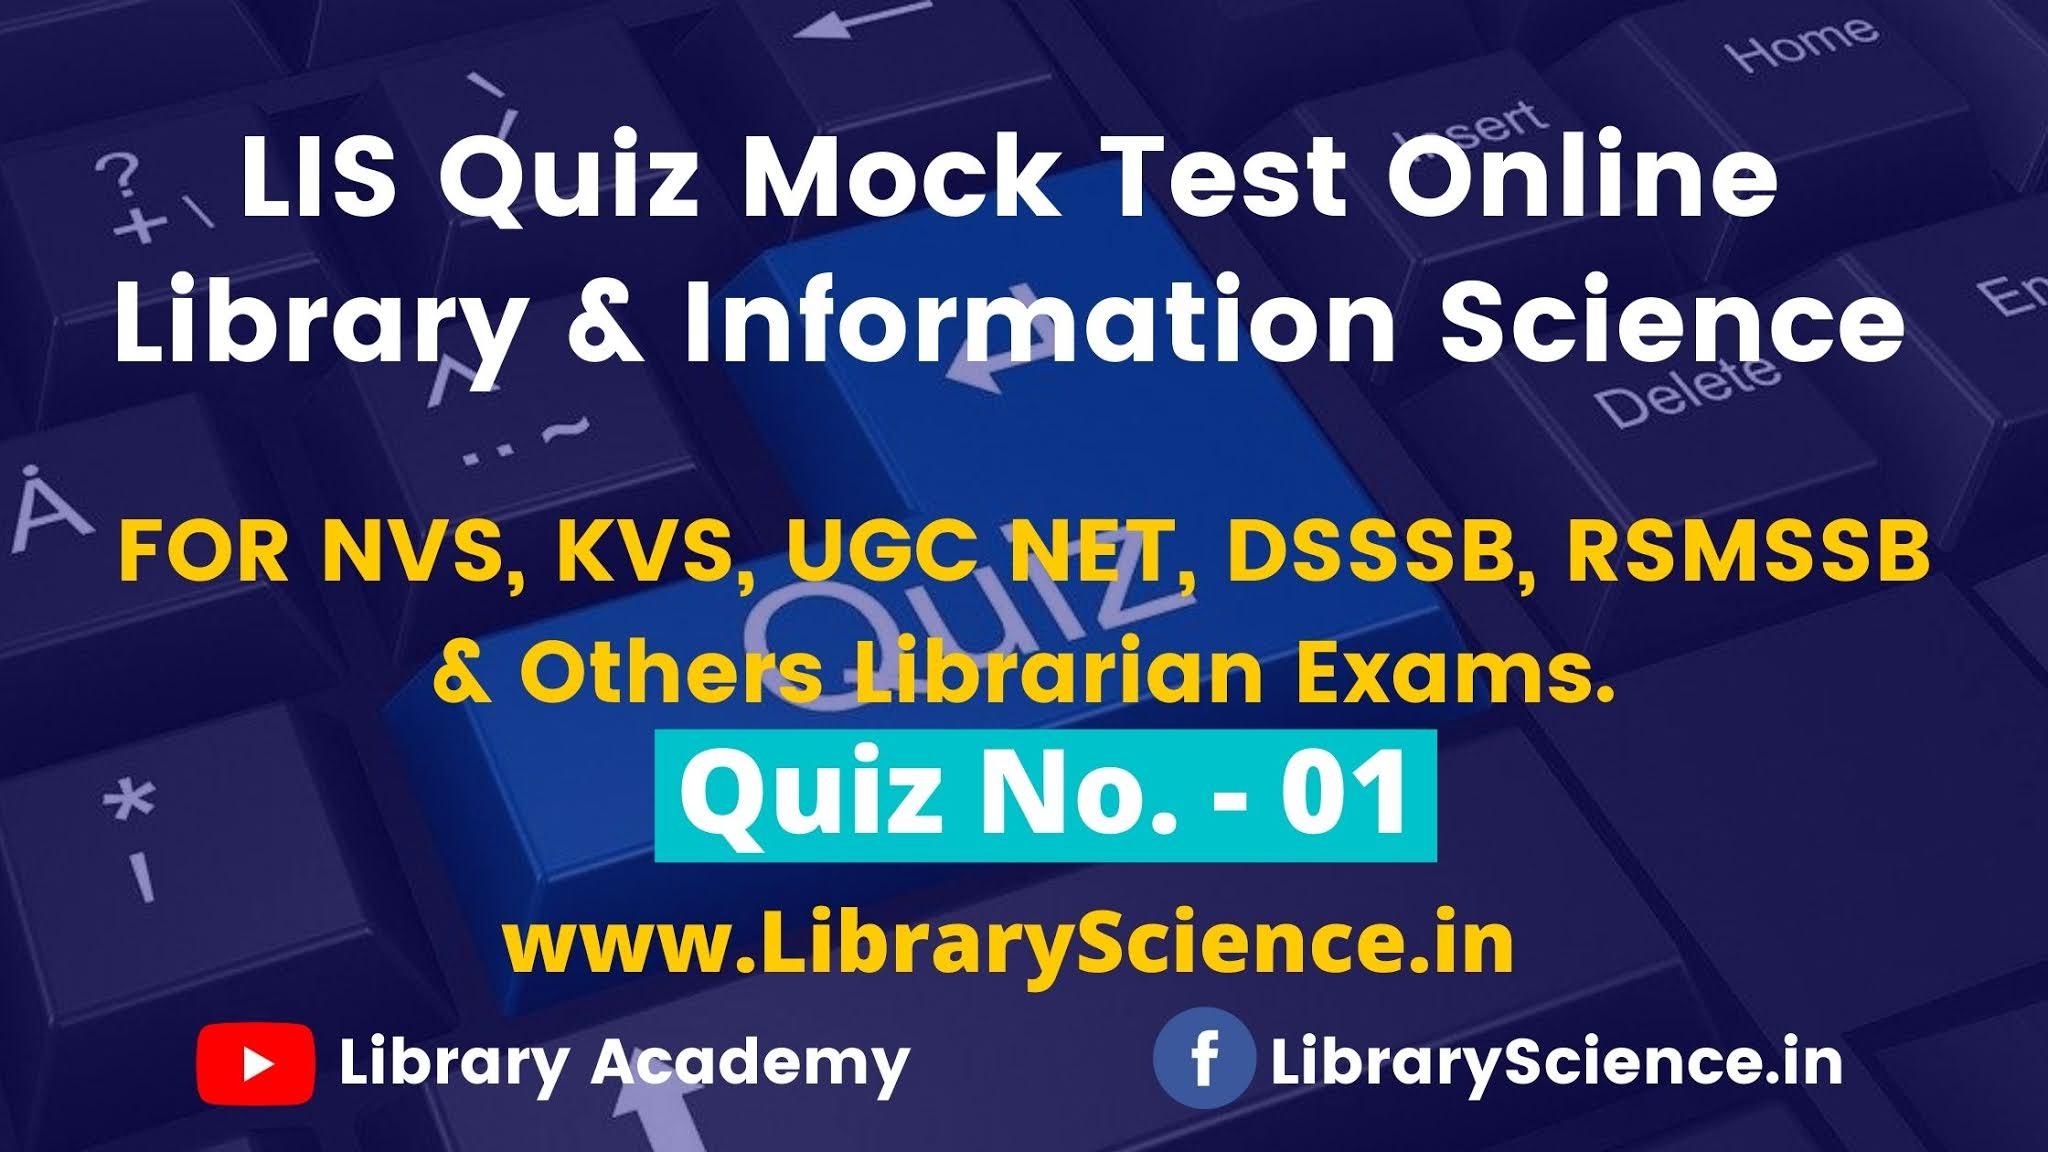 LIS Quiz